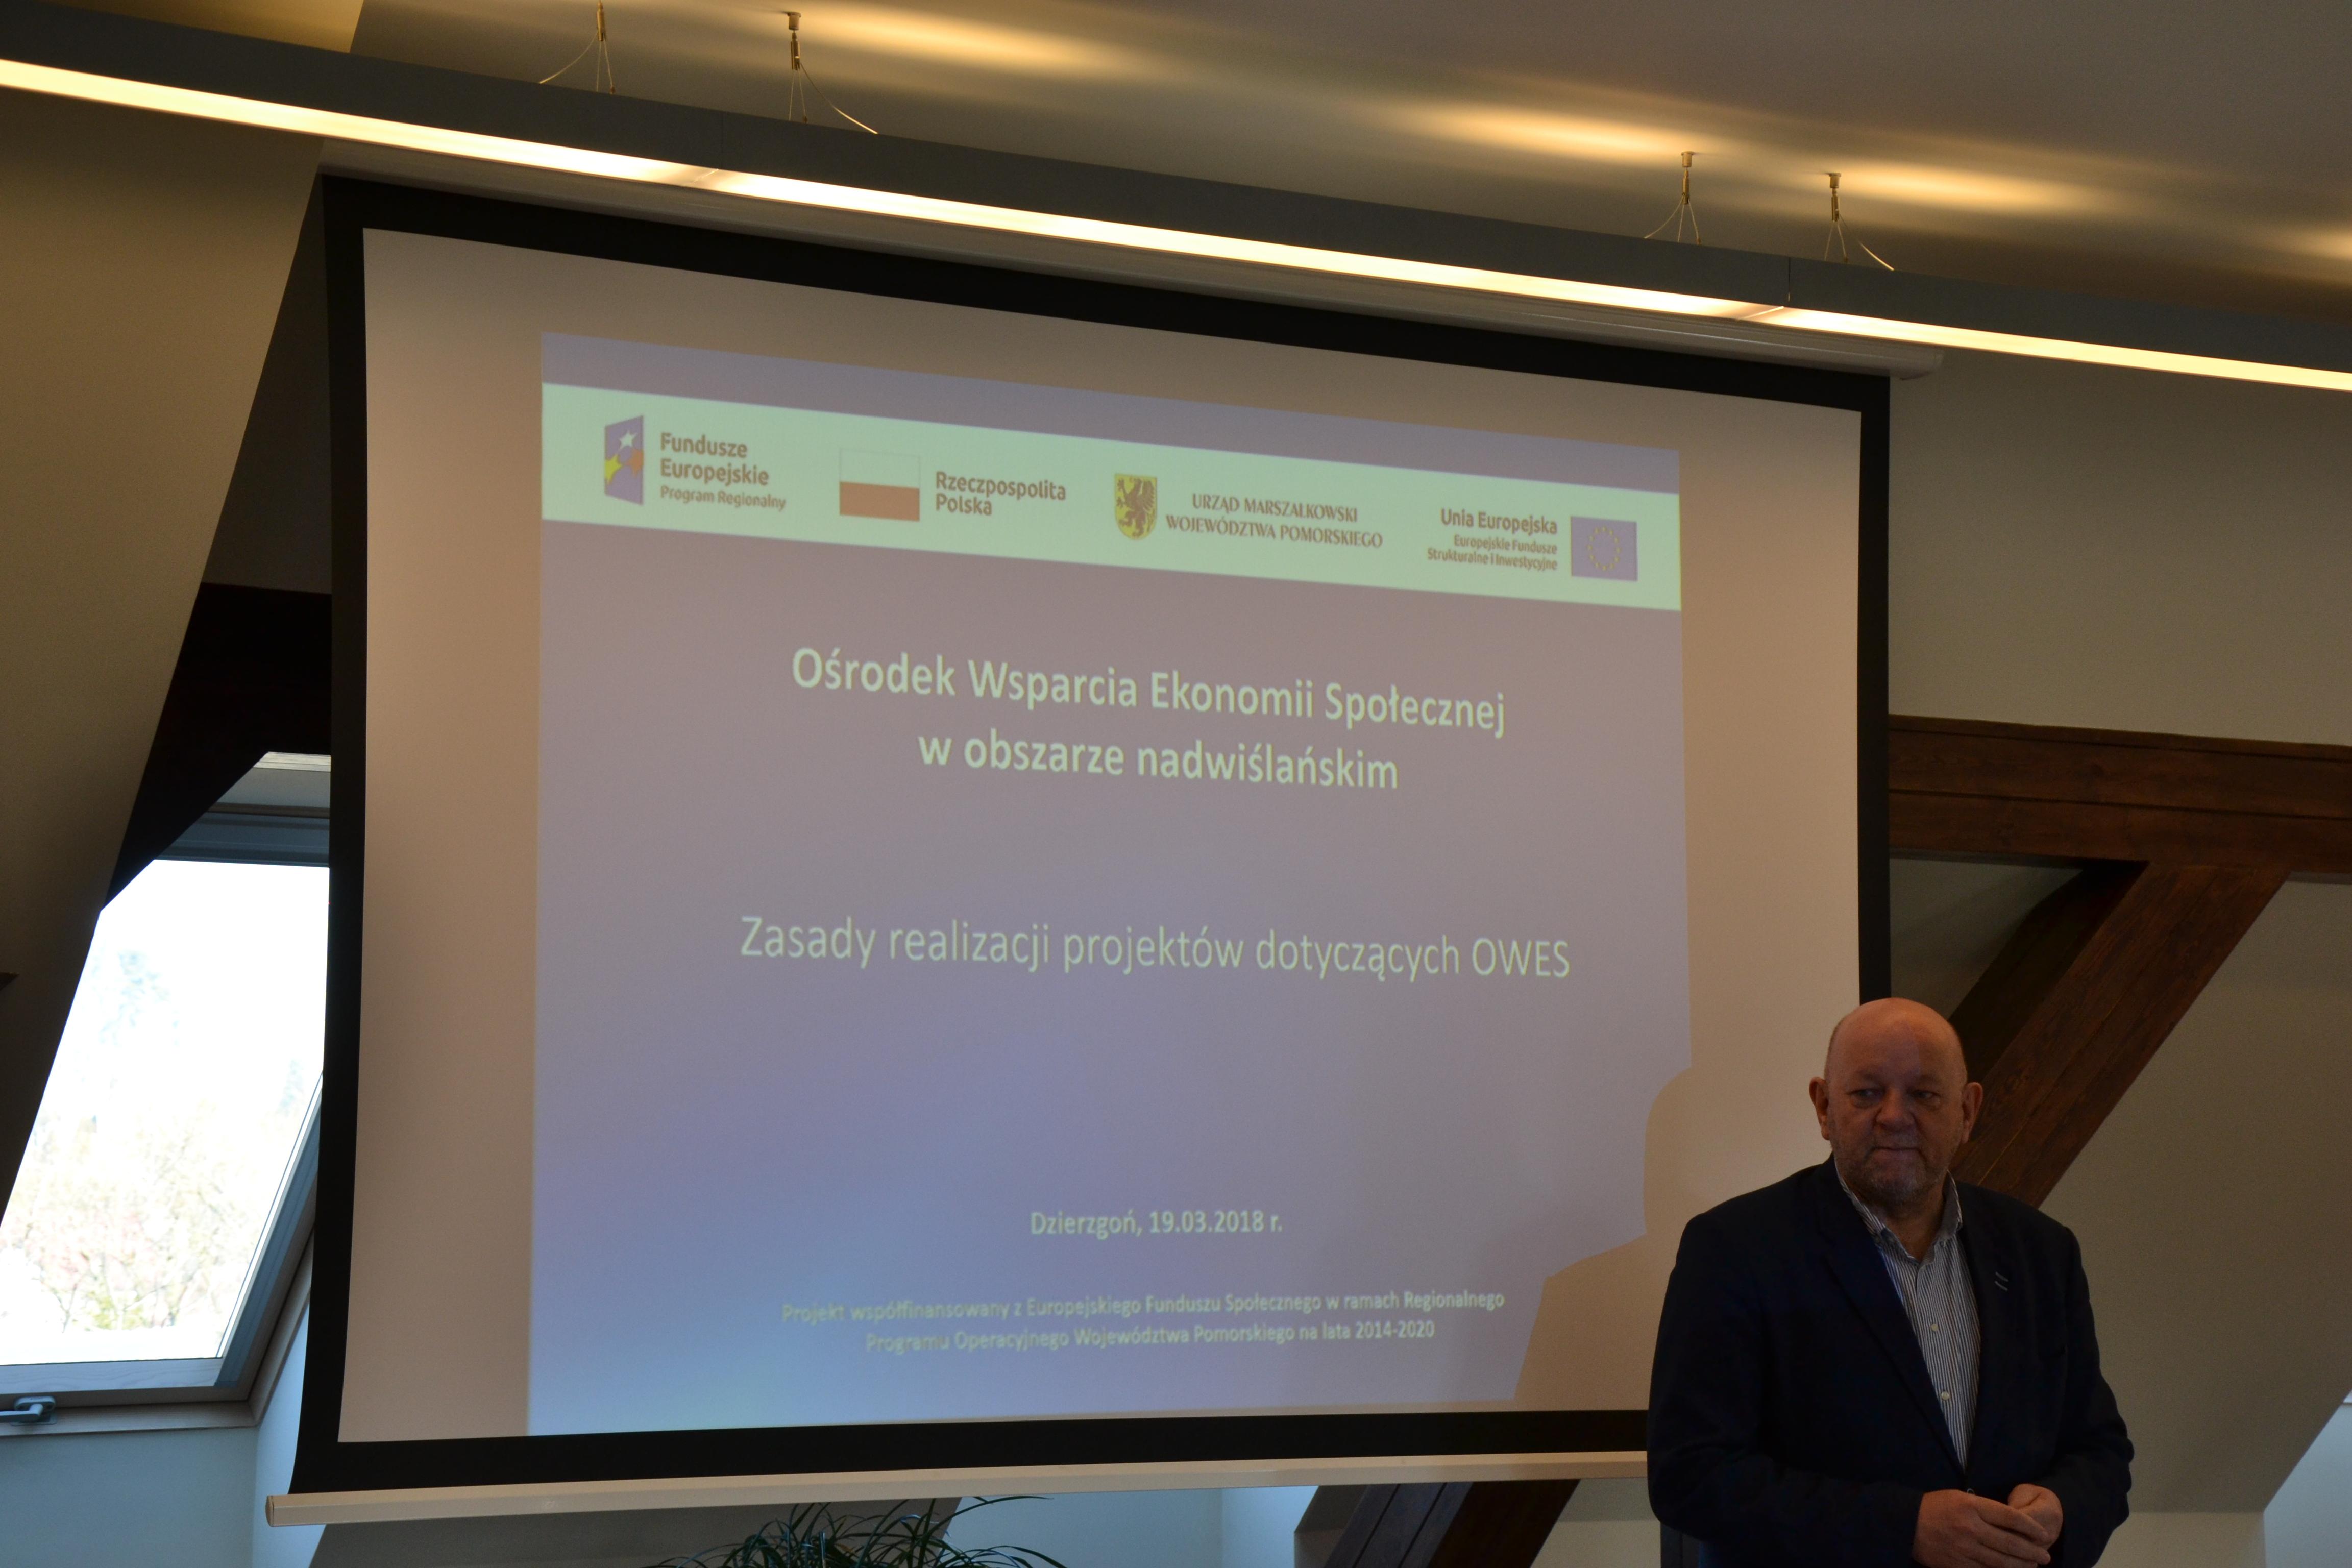 Zdjęcie prezentujące zasady realizacji projektów OWES